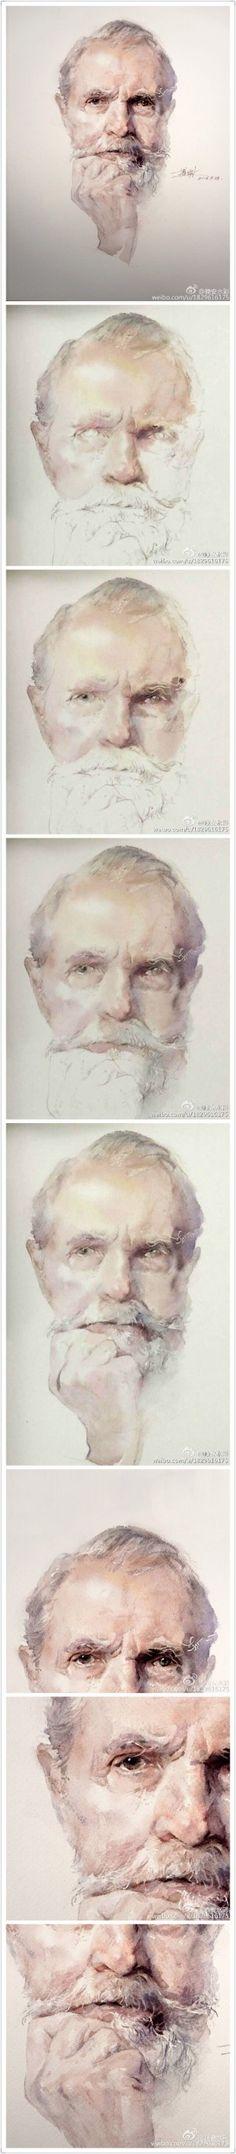 old man painting tutorial Watercolor Portrait Tutorial, Watercolor Portrait Painting, Watercolour Tutorials, Painting & Drawing, Watercolor Paintings, Watercolor Techniques, Painting Techniques, Watercolors, Water Colour Portrait